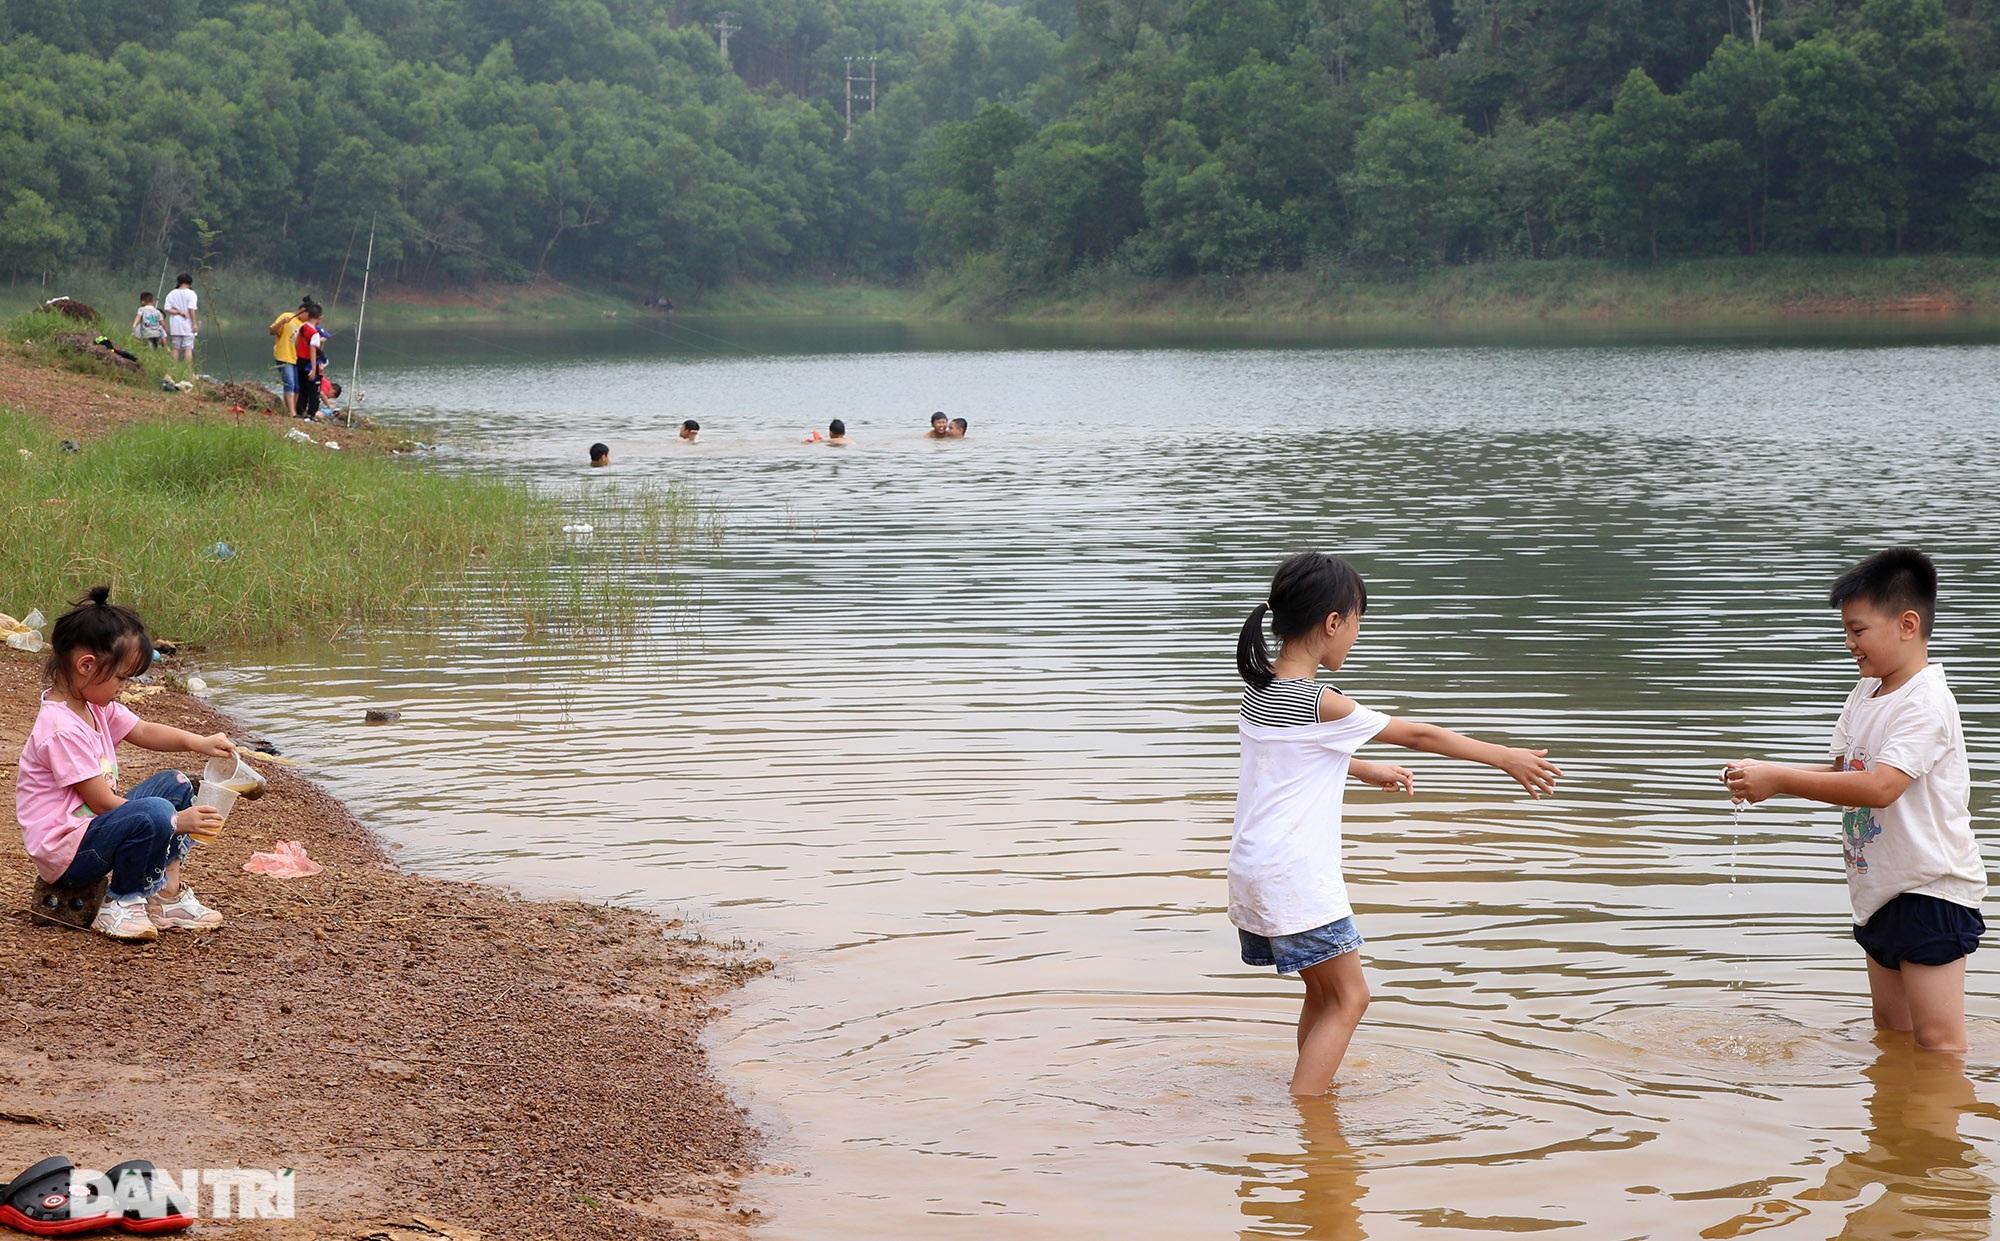 Dù có biển cấm tụ tập, hồ Đồng Mô vẫn tấp nập người đến cắm trại - 7